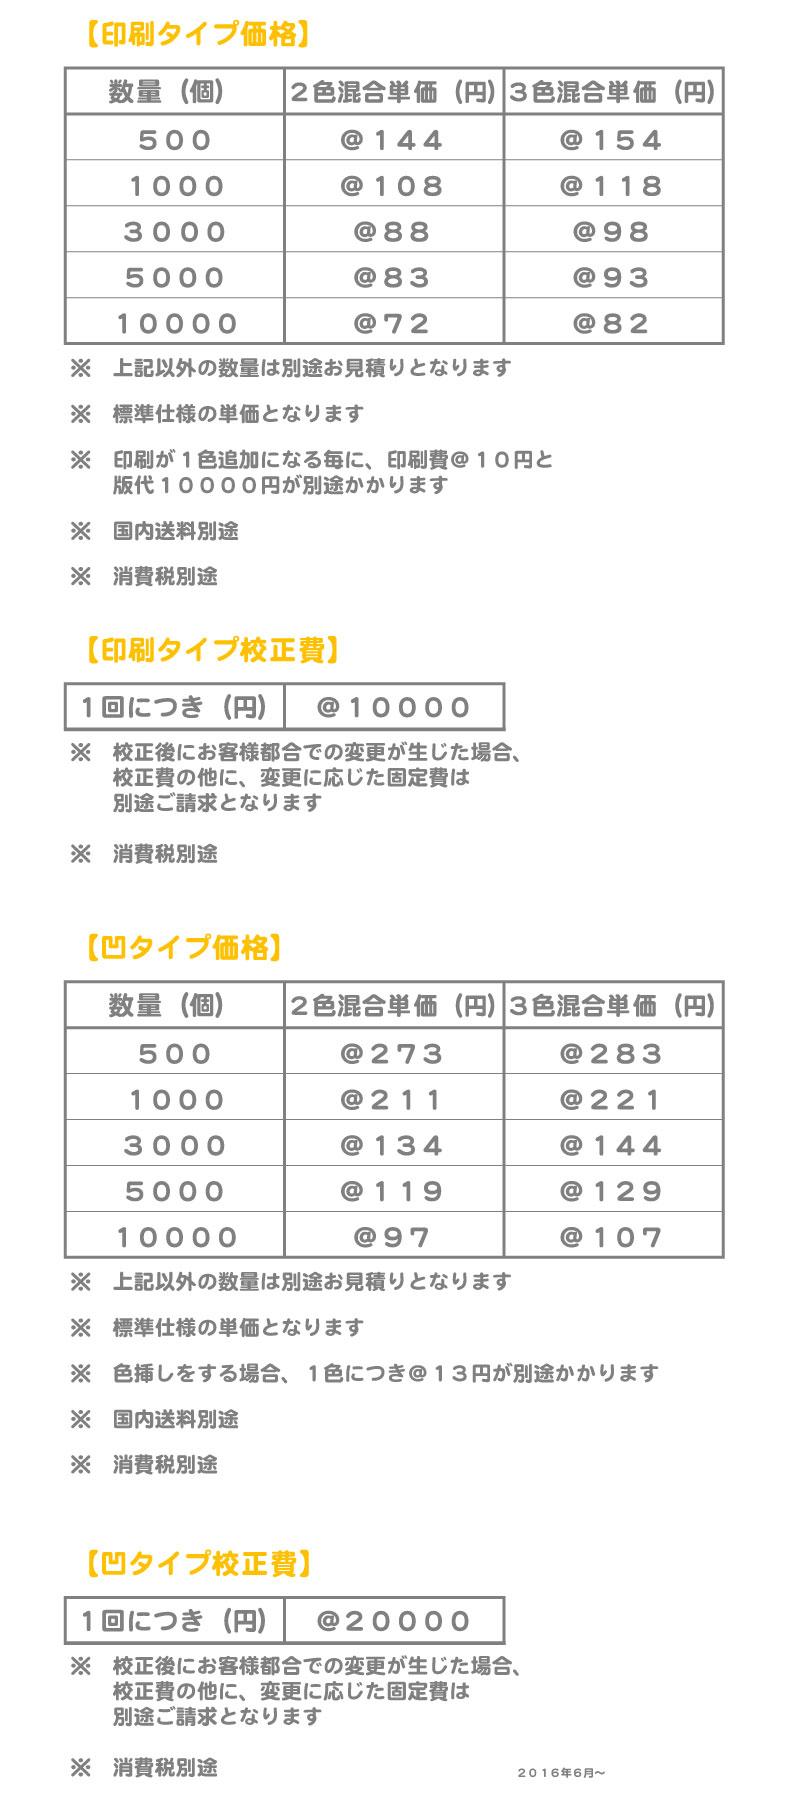 多色混合価格表1606